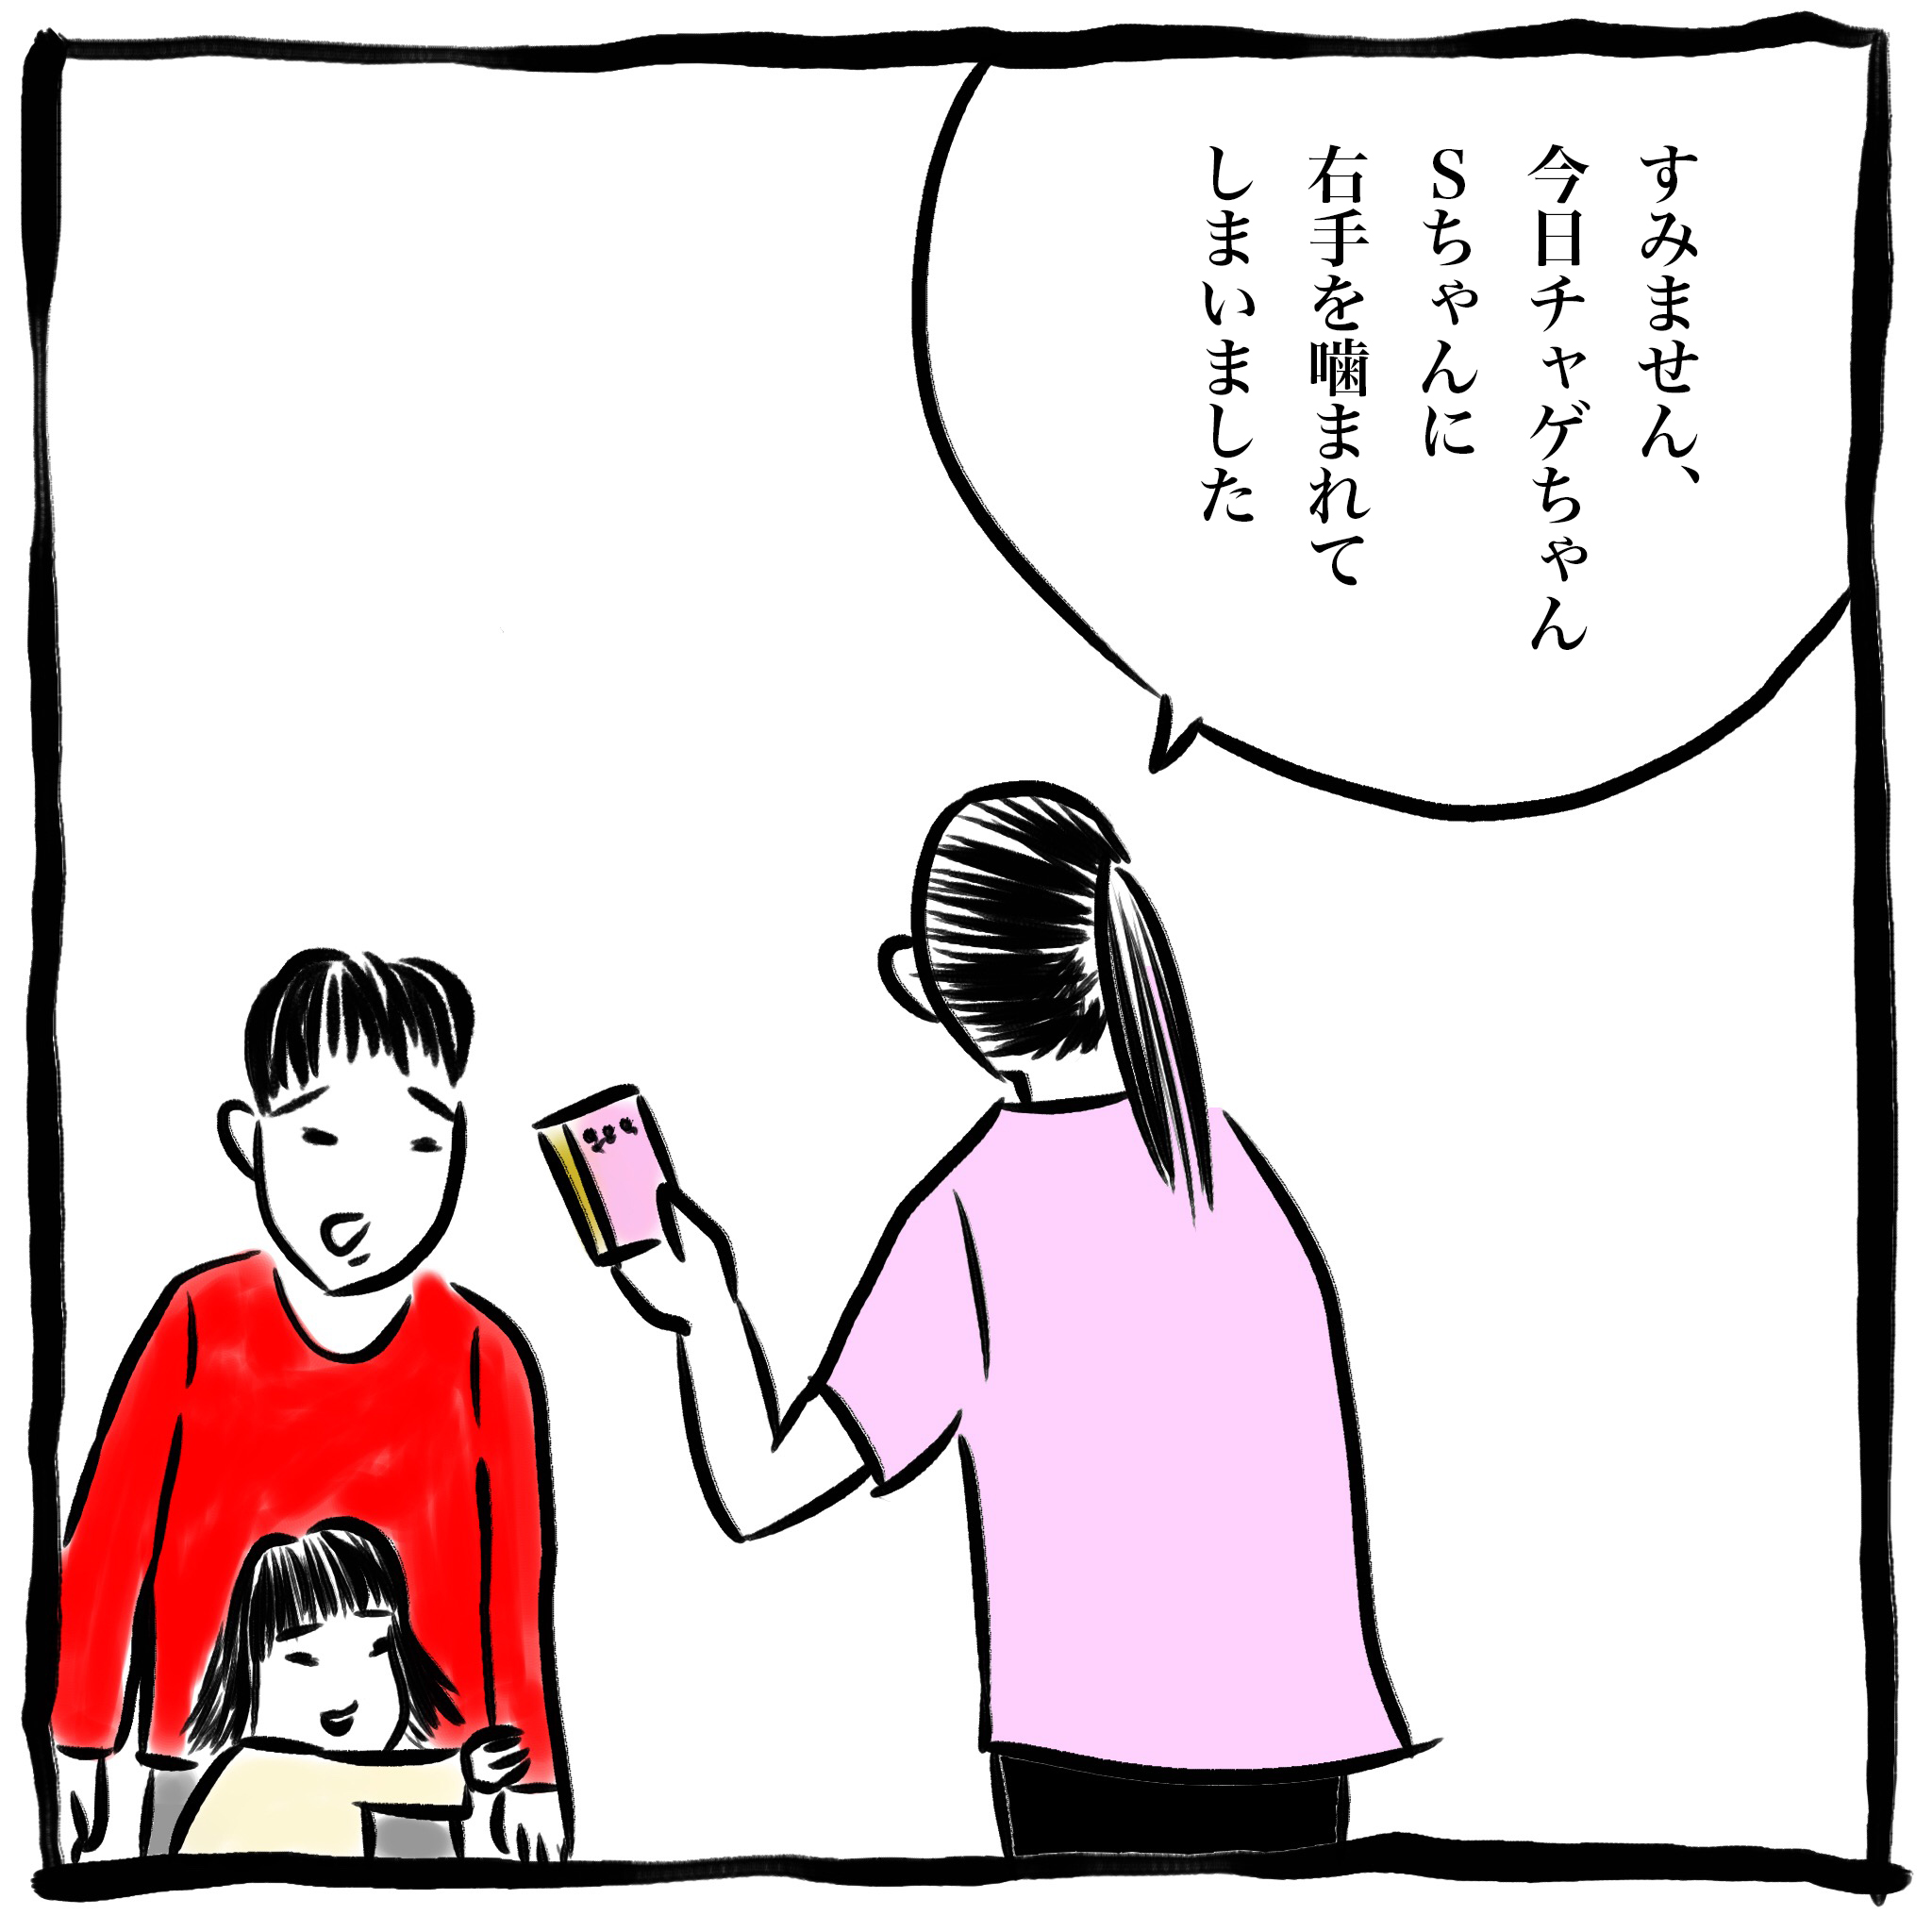 1歳児クラスのお友達トラブル。まだまだ人ごとのようだけど…【劔樹人の「育児は、遠い日の花火ではない」 第4話】